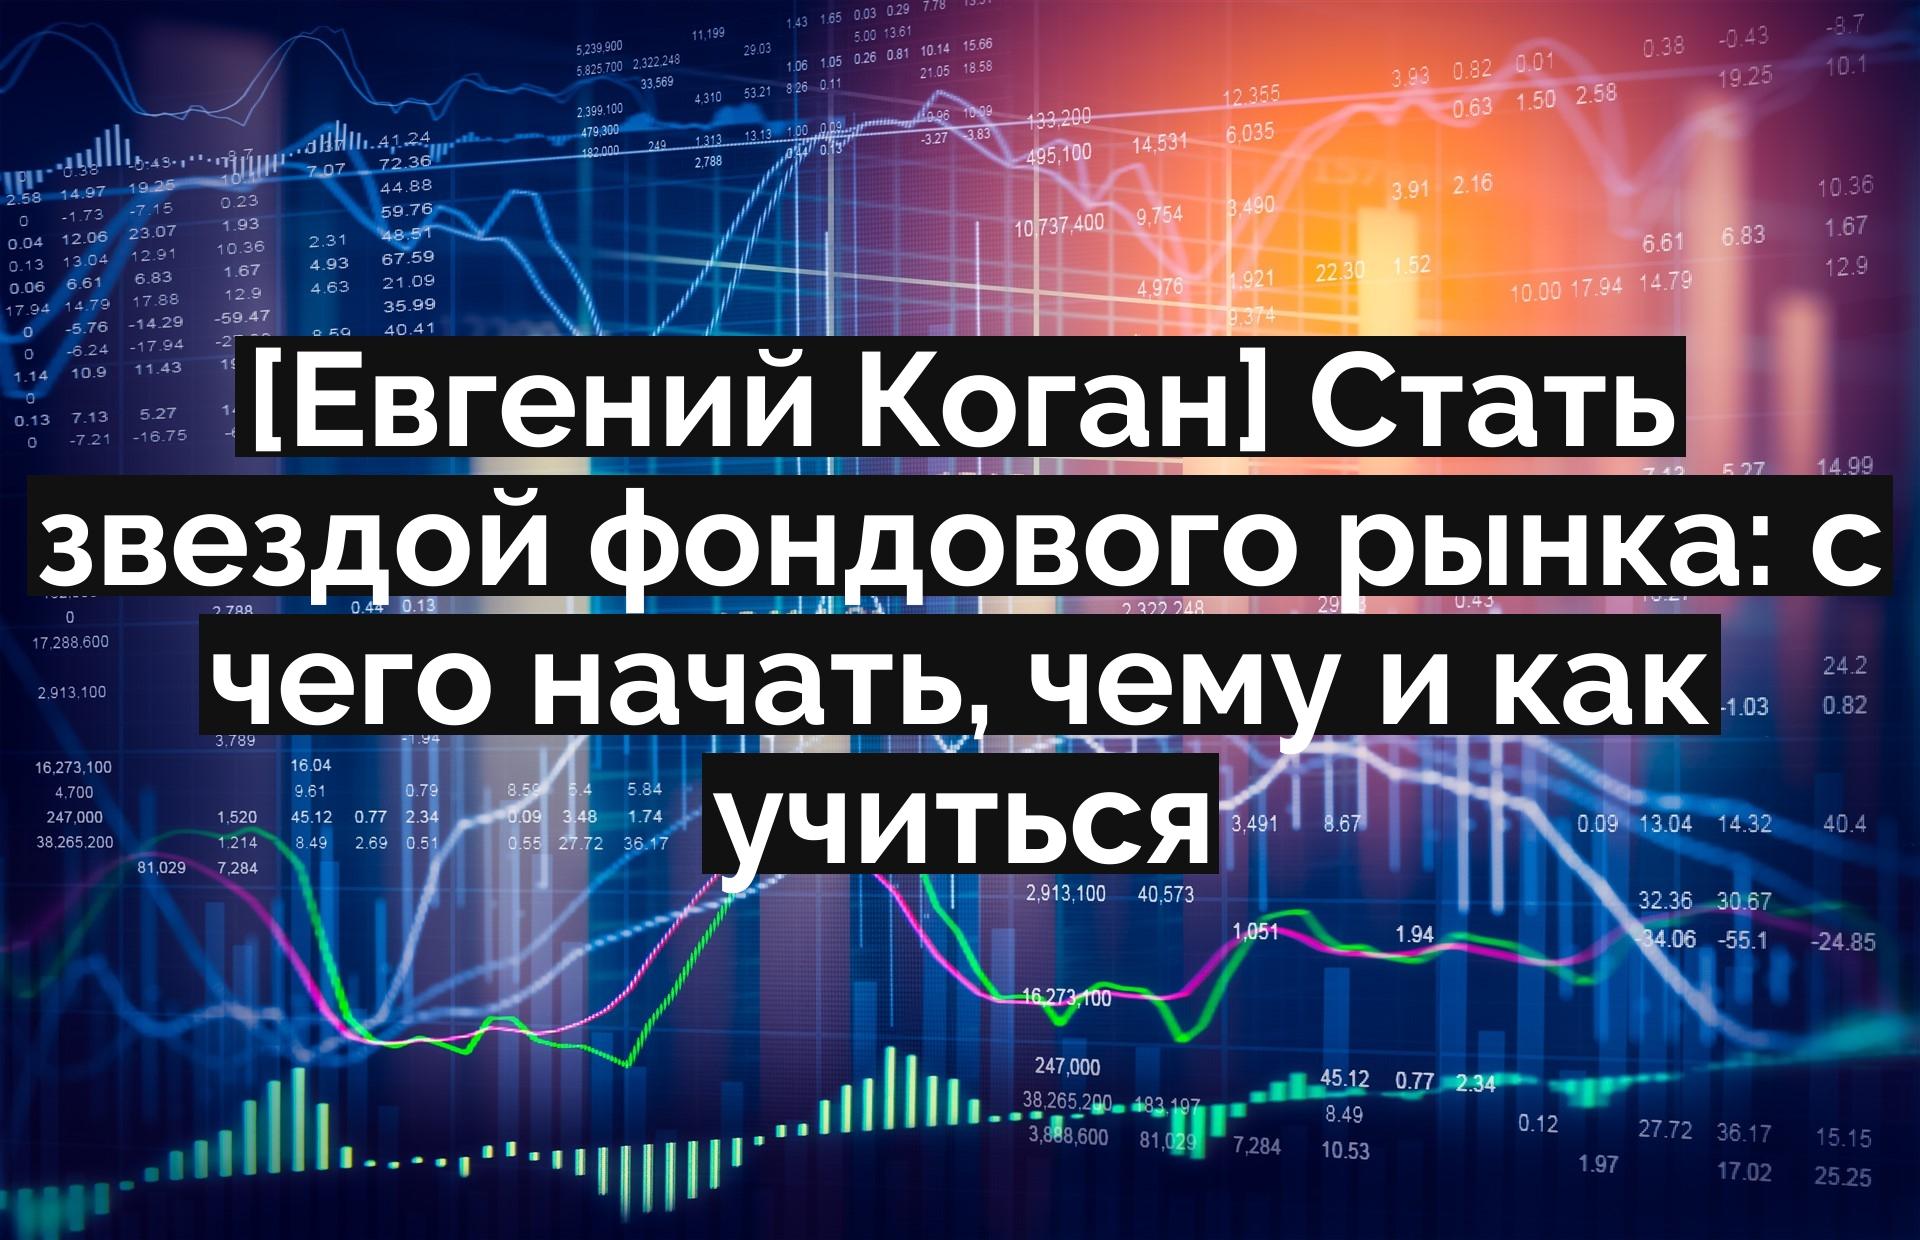 [Евгений Коган] Стать звездой фондового рынка: с чего начать, чему и как учиться